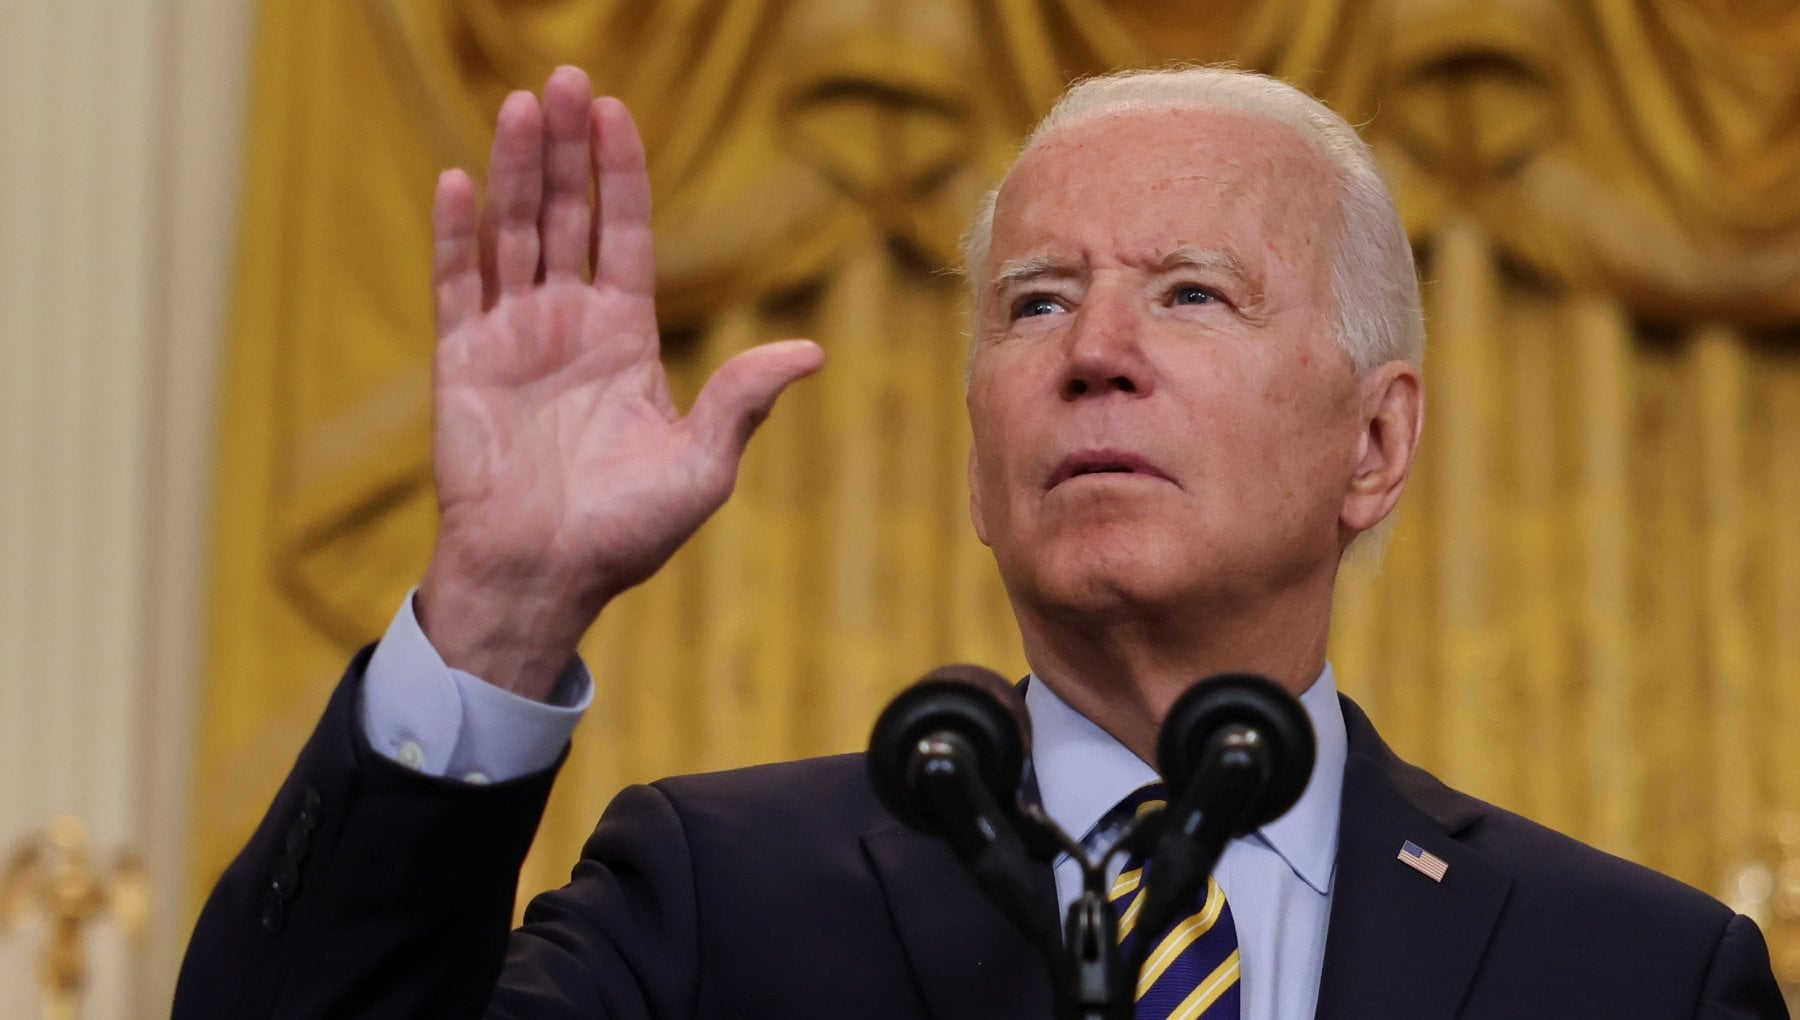 """211440314 c2deb238 8bf0 4bf7 be83 2db557016614 - Biden e l'Afghanistan: """"Mai più una generazione di americani in guerra"""""""